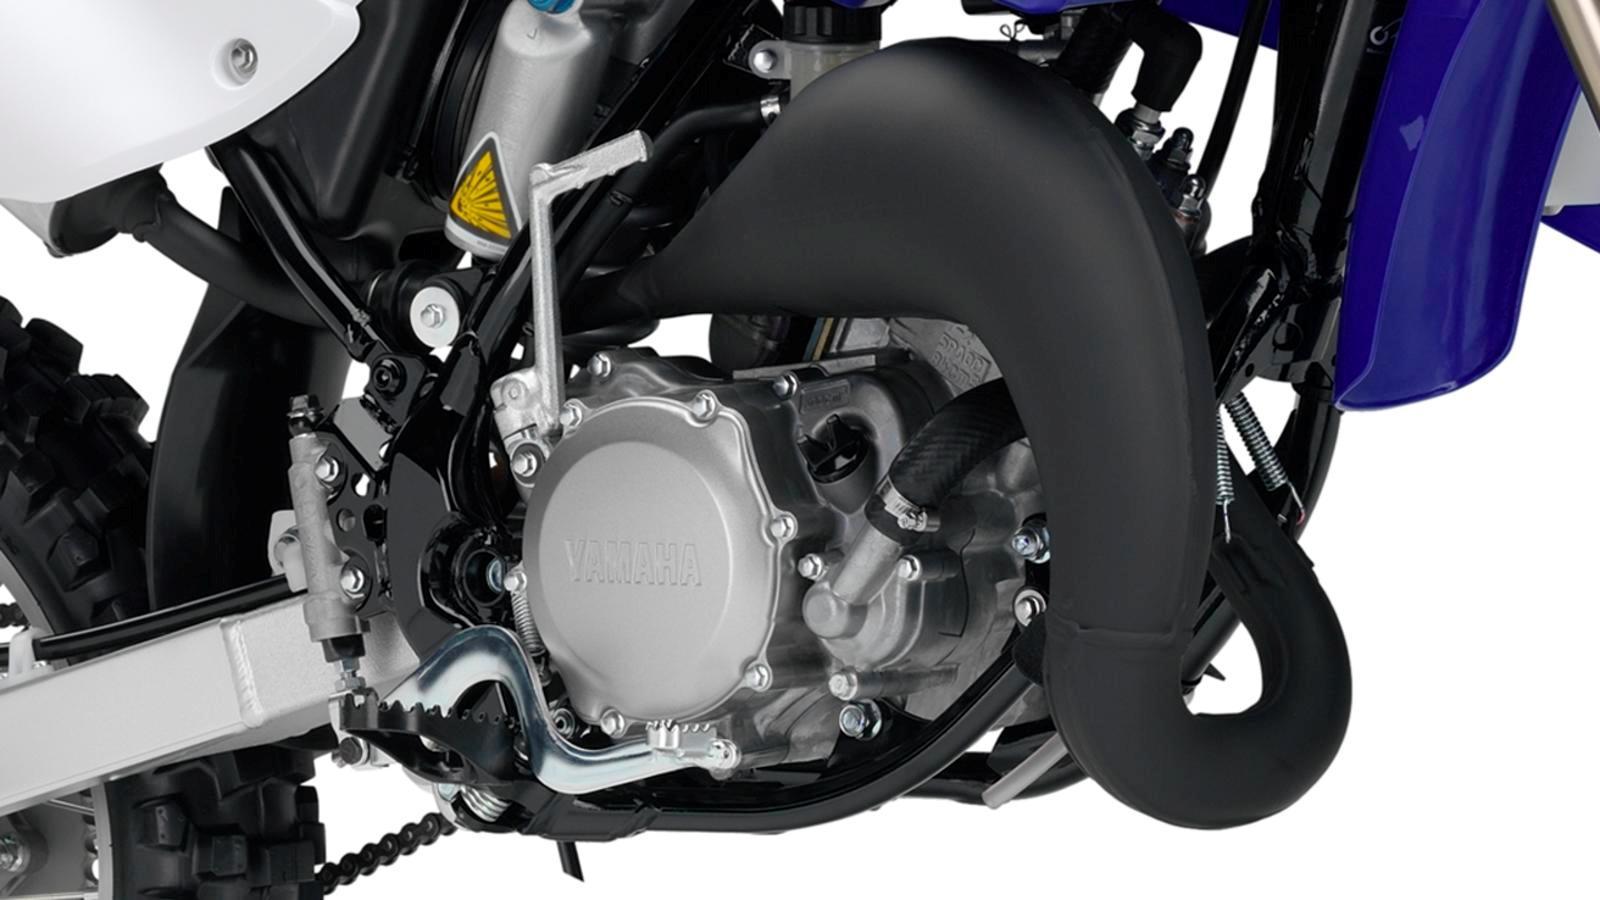 YZ85LW-EU-Racing-Blue-Detail-001_osob